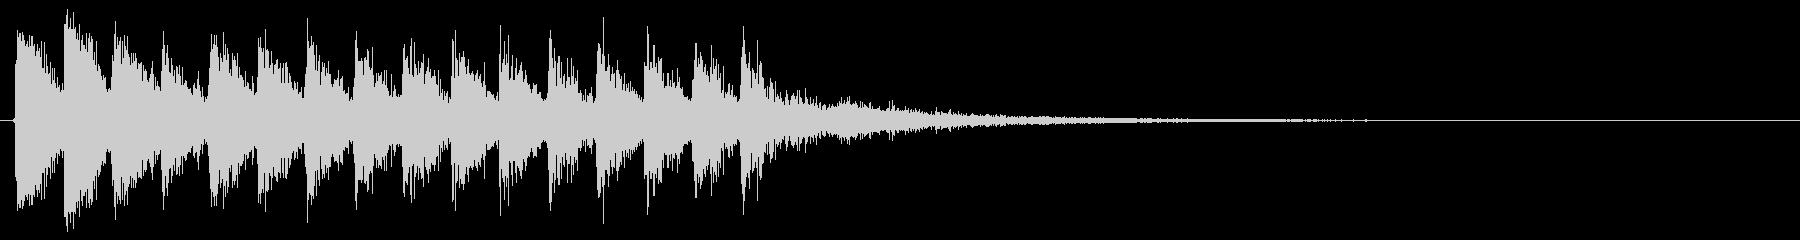 下降音 トゥルルル ↓ エネルギー切れの未再生の波形